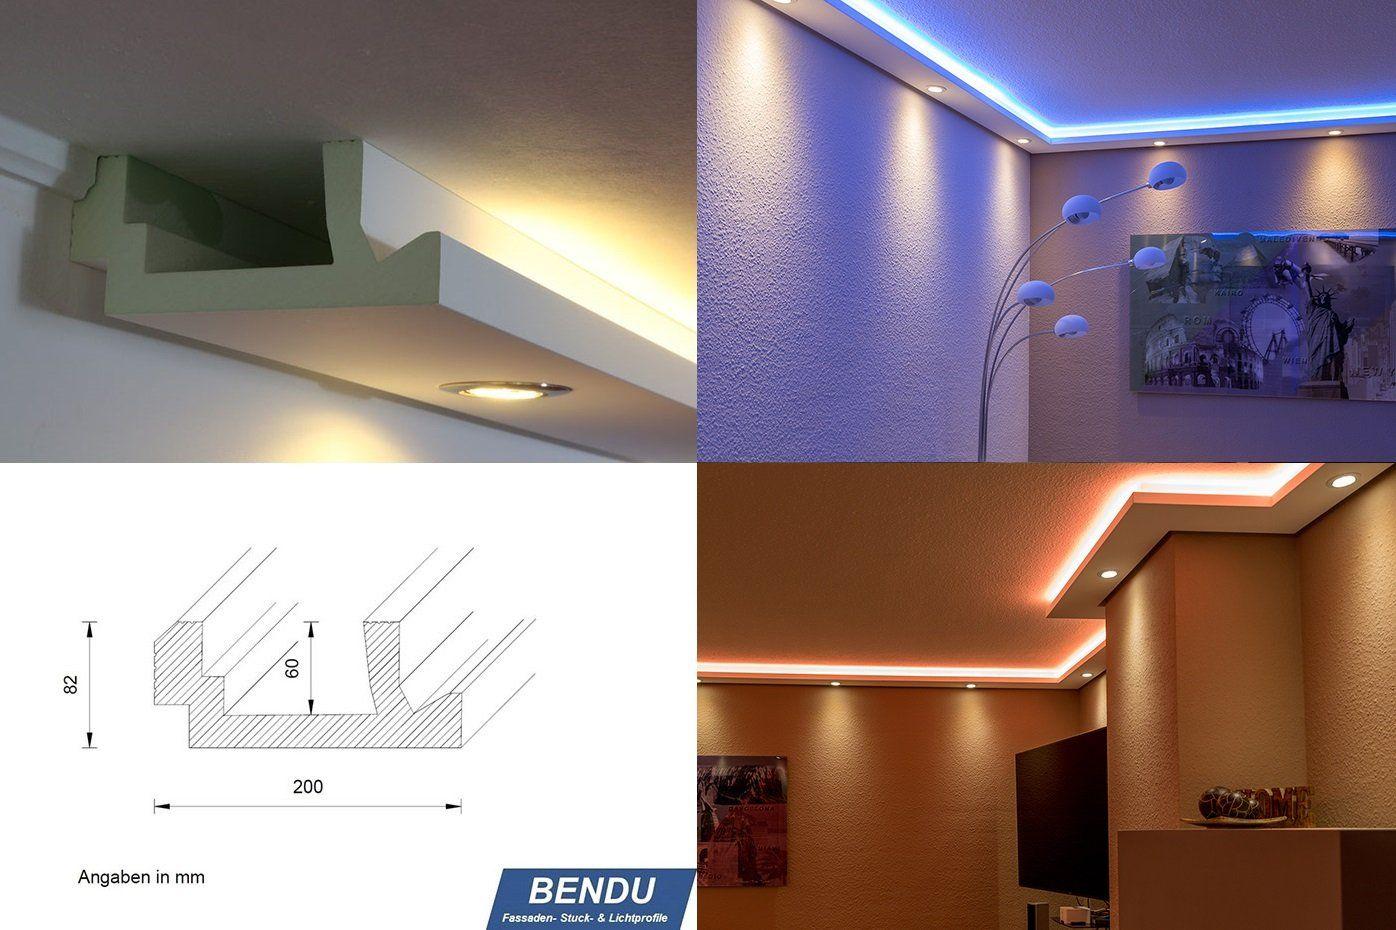 Stuckleisten Lichtprofil Fur Indirekte Led Beleuchtung Von Wand U Decke Stuckprofil Aus Hartschaum Wdml 200a Beleuchtung Wandbeleuchtung Deckenbeleuchtung